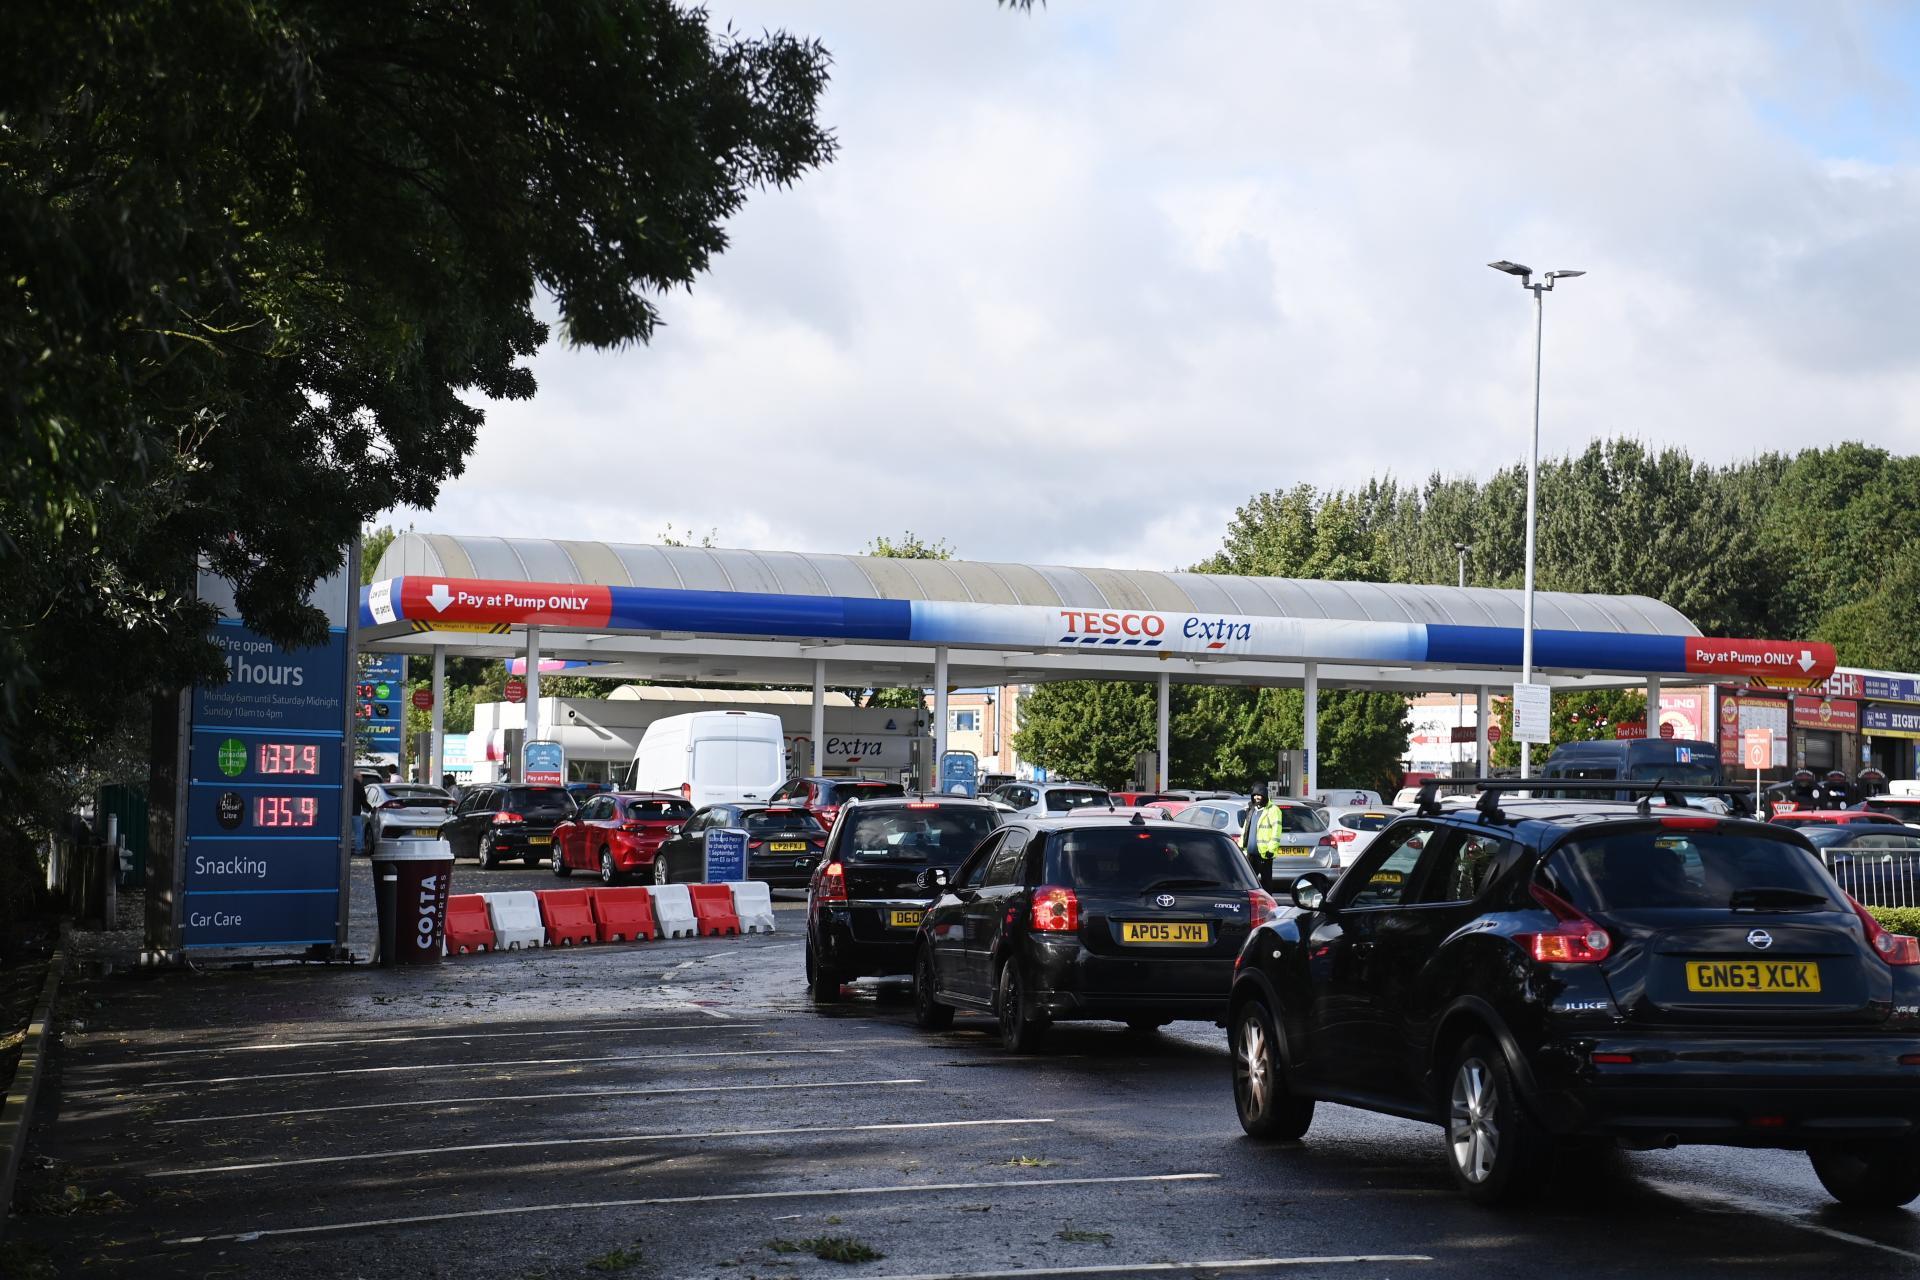 ¿Por qué Reino Unido se queda sin gasolina?